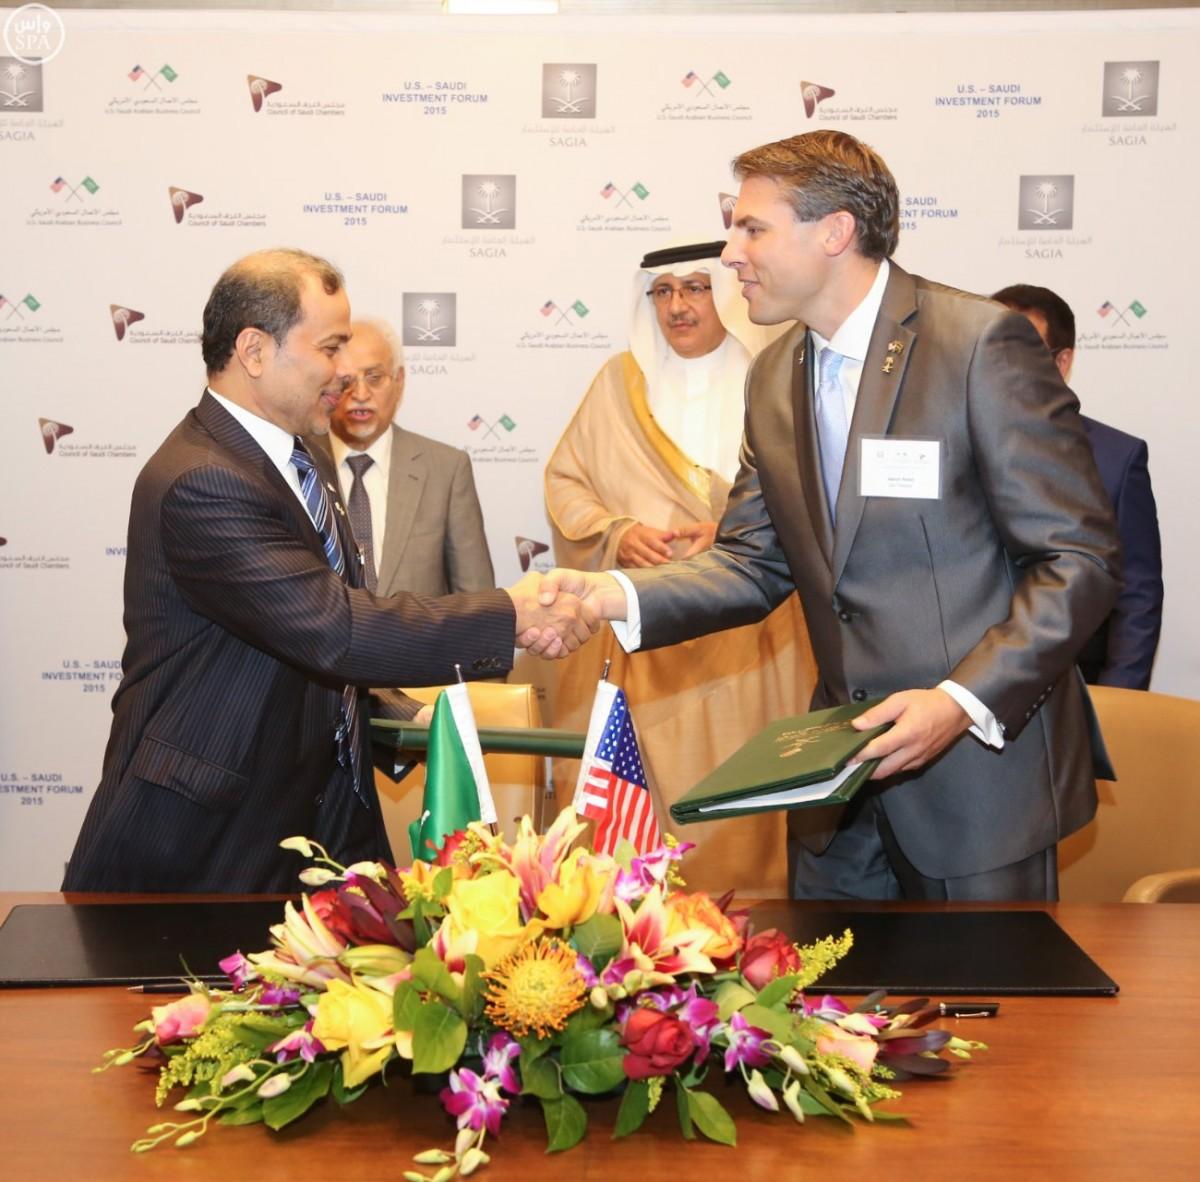 هنا.. تفاصيل اتفاقيات وشراكات اقتصادية بين شركات سعودية وأمريكية - المواطن